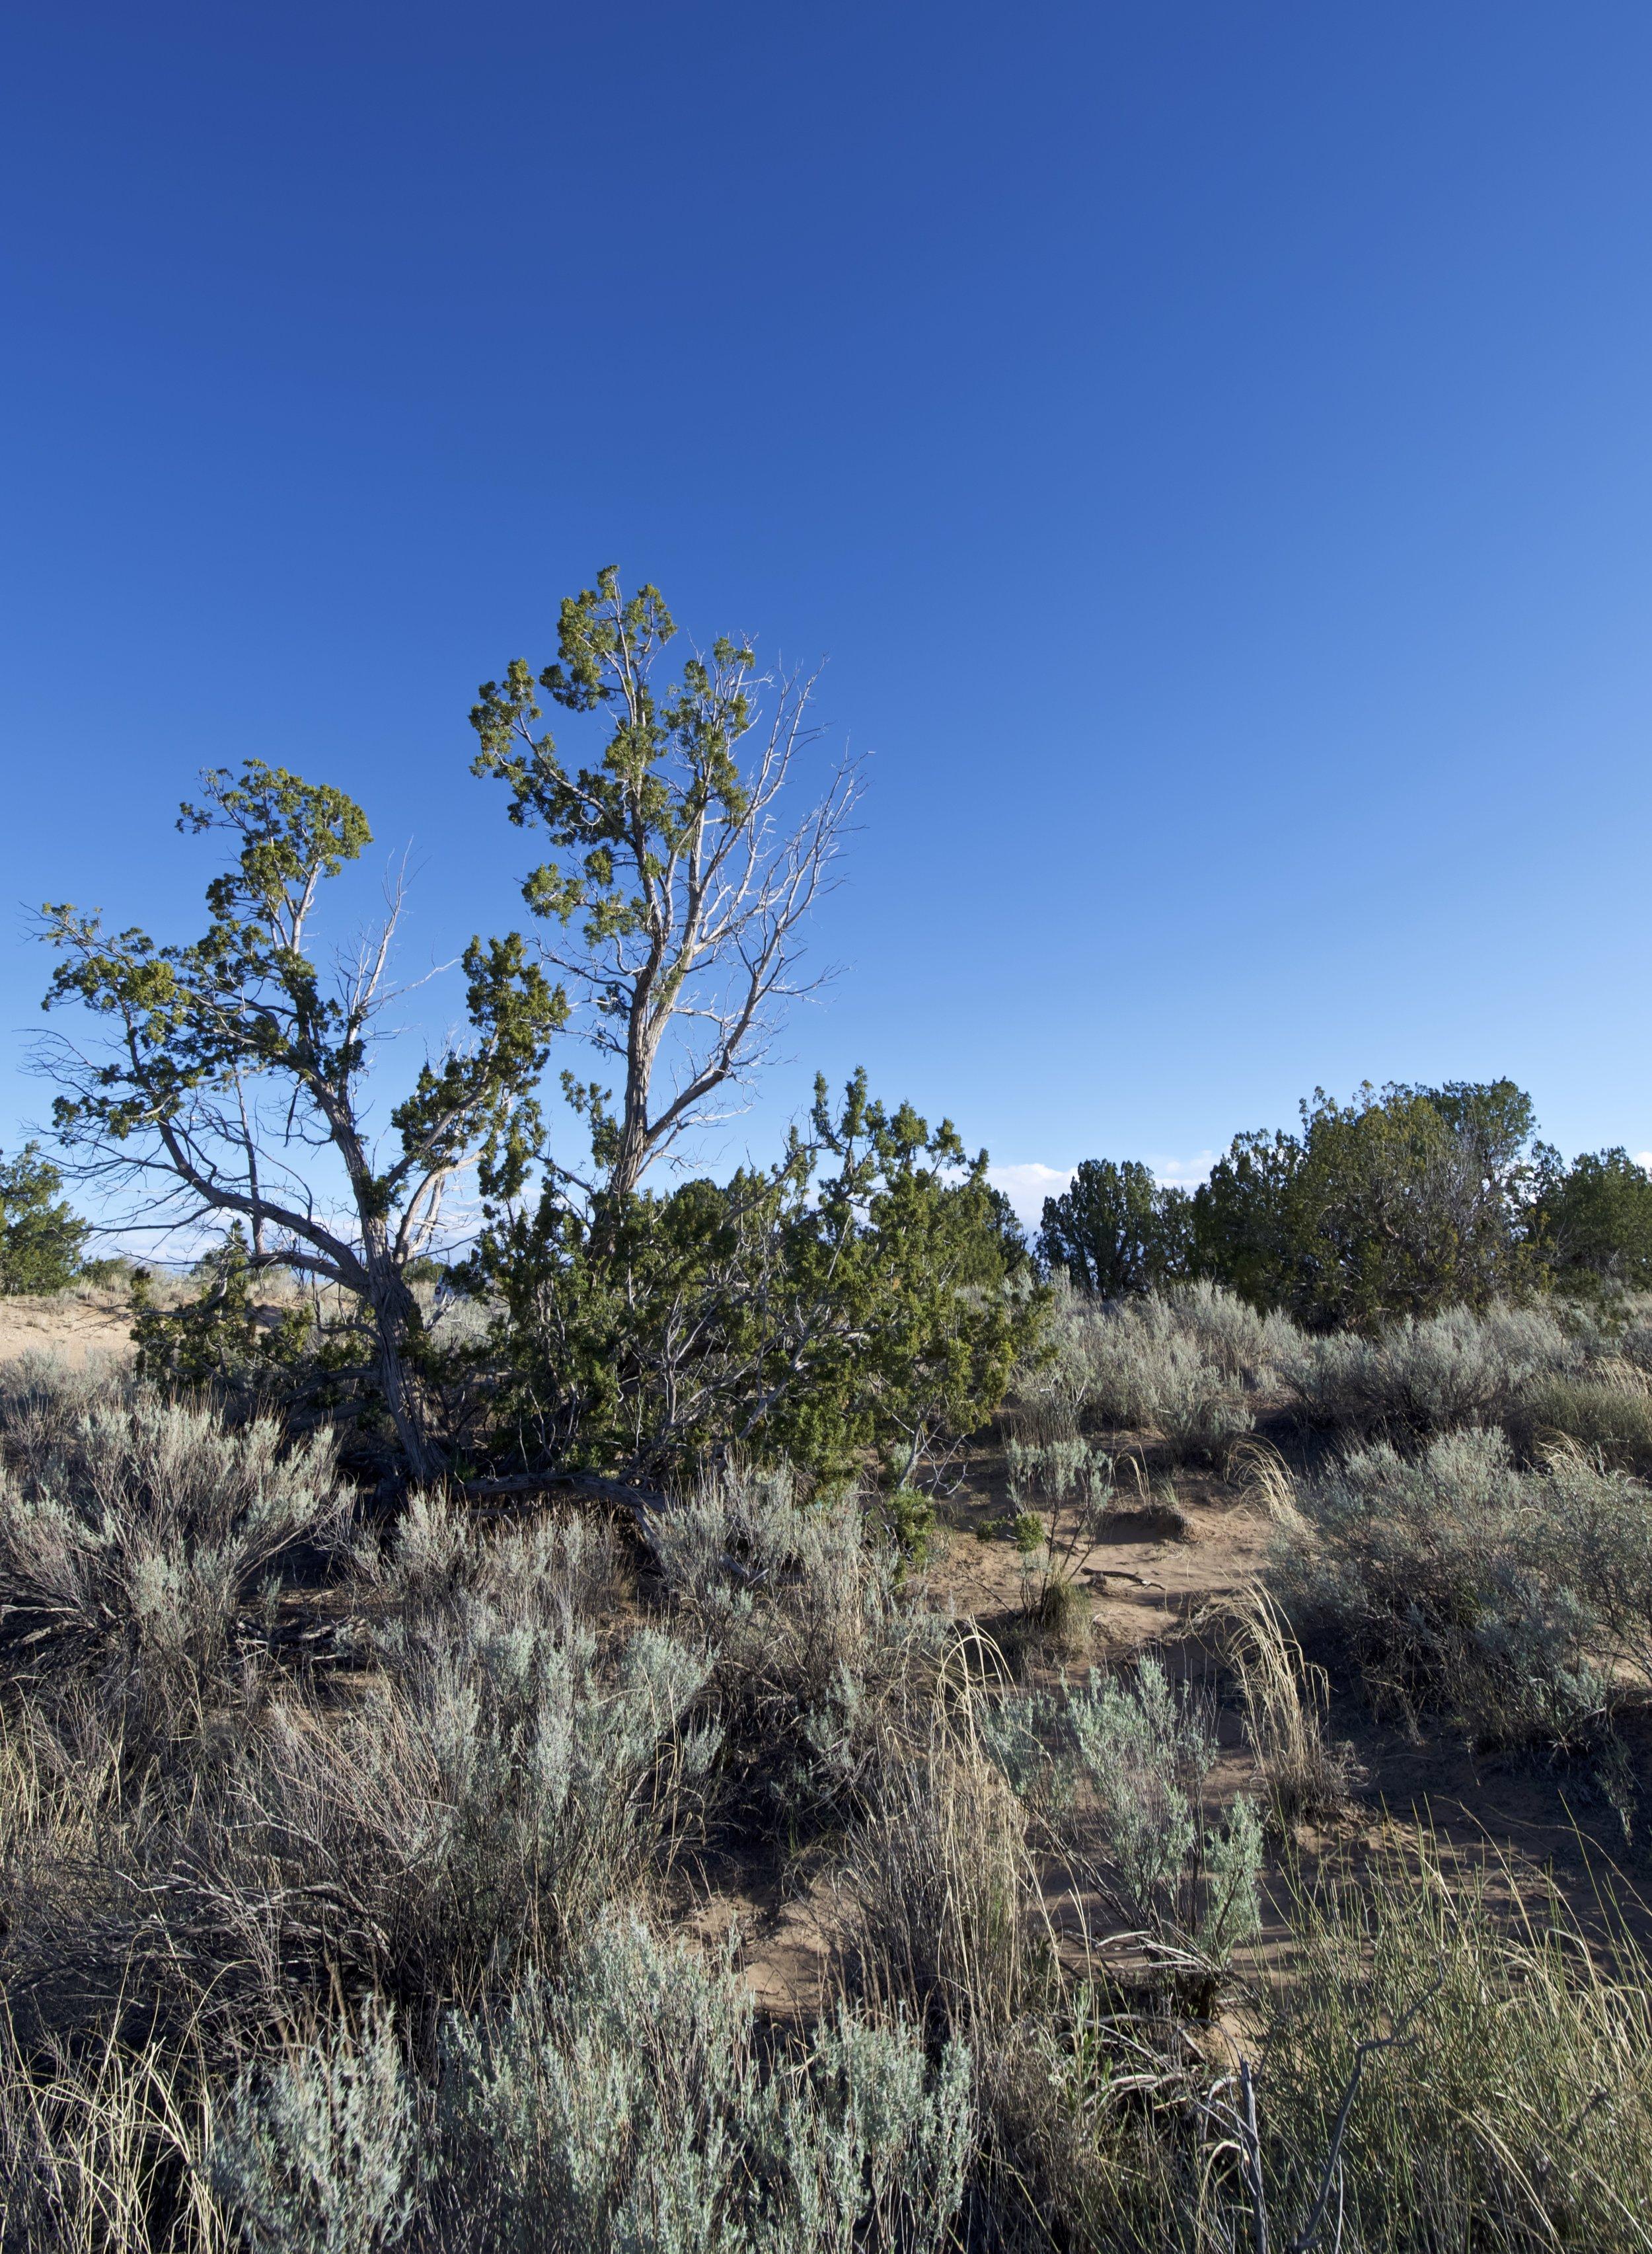 SNNM-2231-rio-rancho-125697.jpg